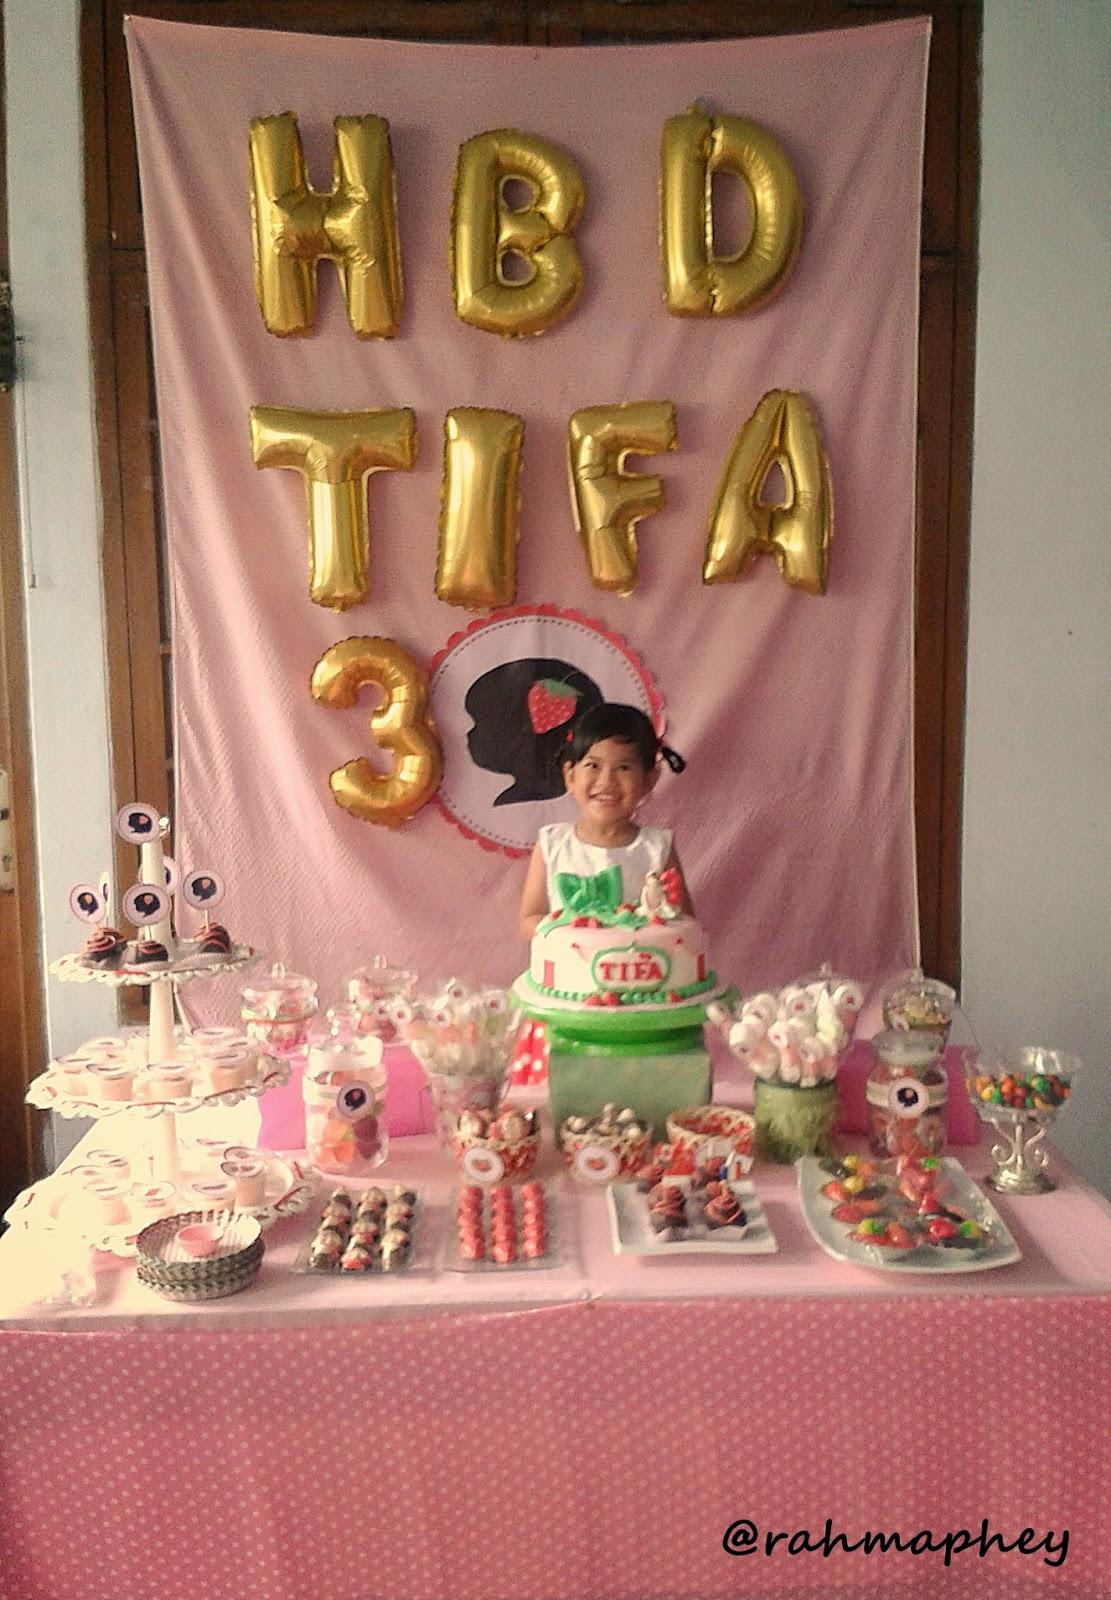 Sweet Strawberry Birthday Party Belong To Rahma Balon Huruf Pink Cake Tiap Tahun Baru 2 Kali Si Ehhee Gw Selalu Pesen Ini Ke Temen Eva Kenapa Selain Karena Rasanya Emang Enak Dia Bisa Rapih